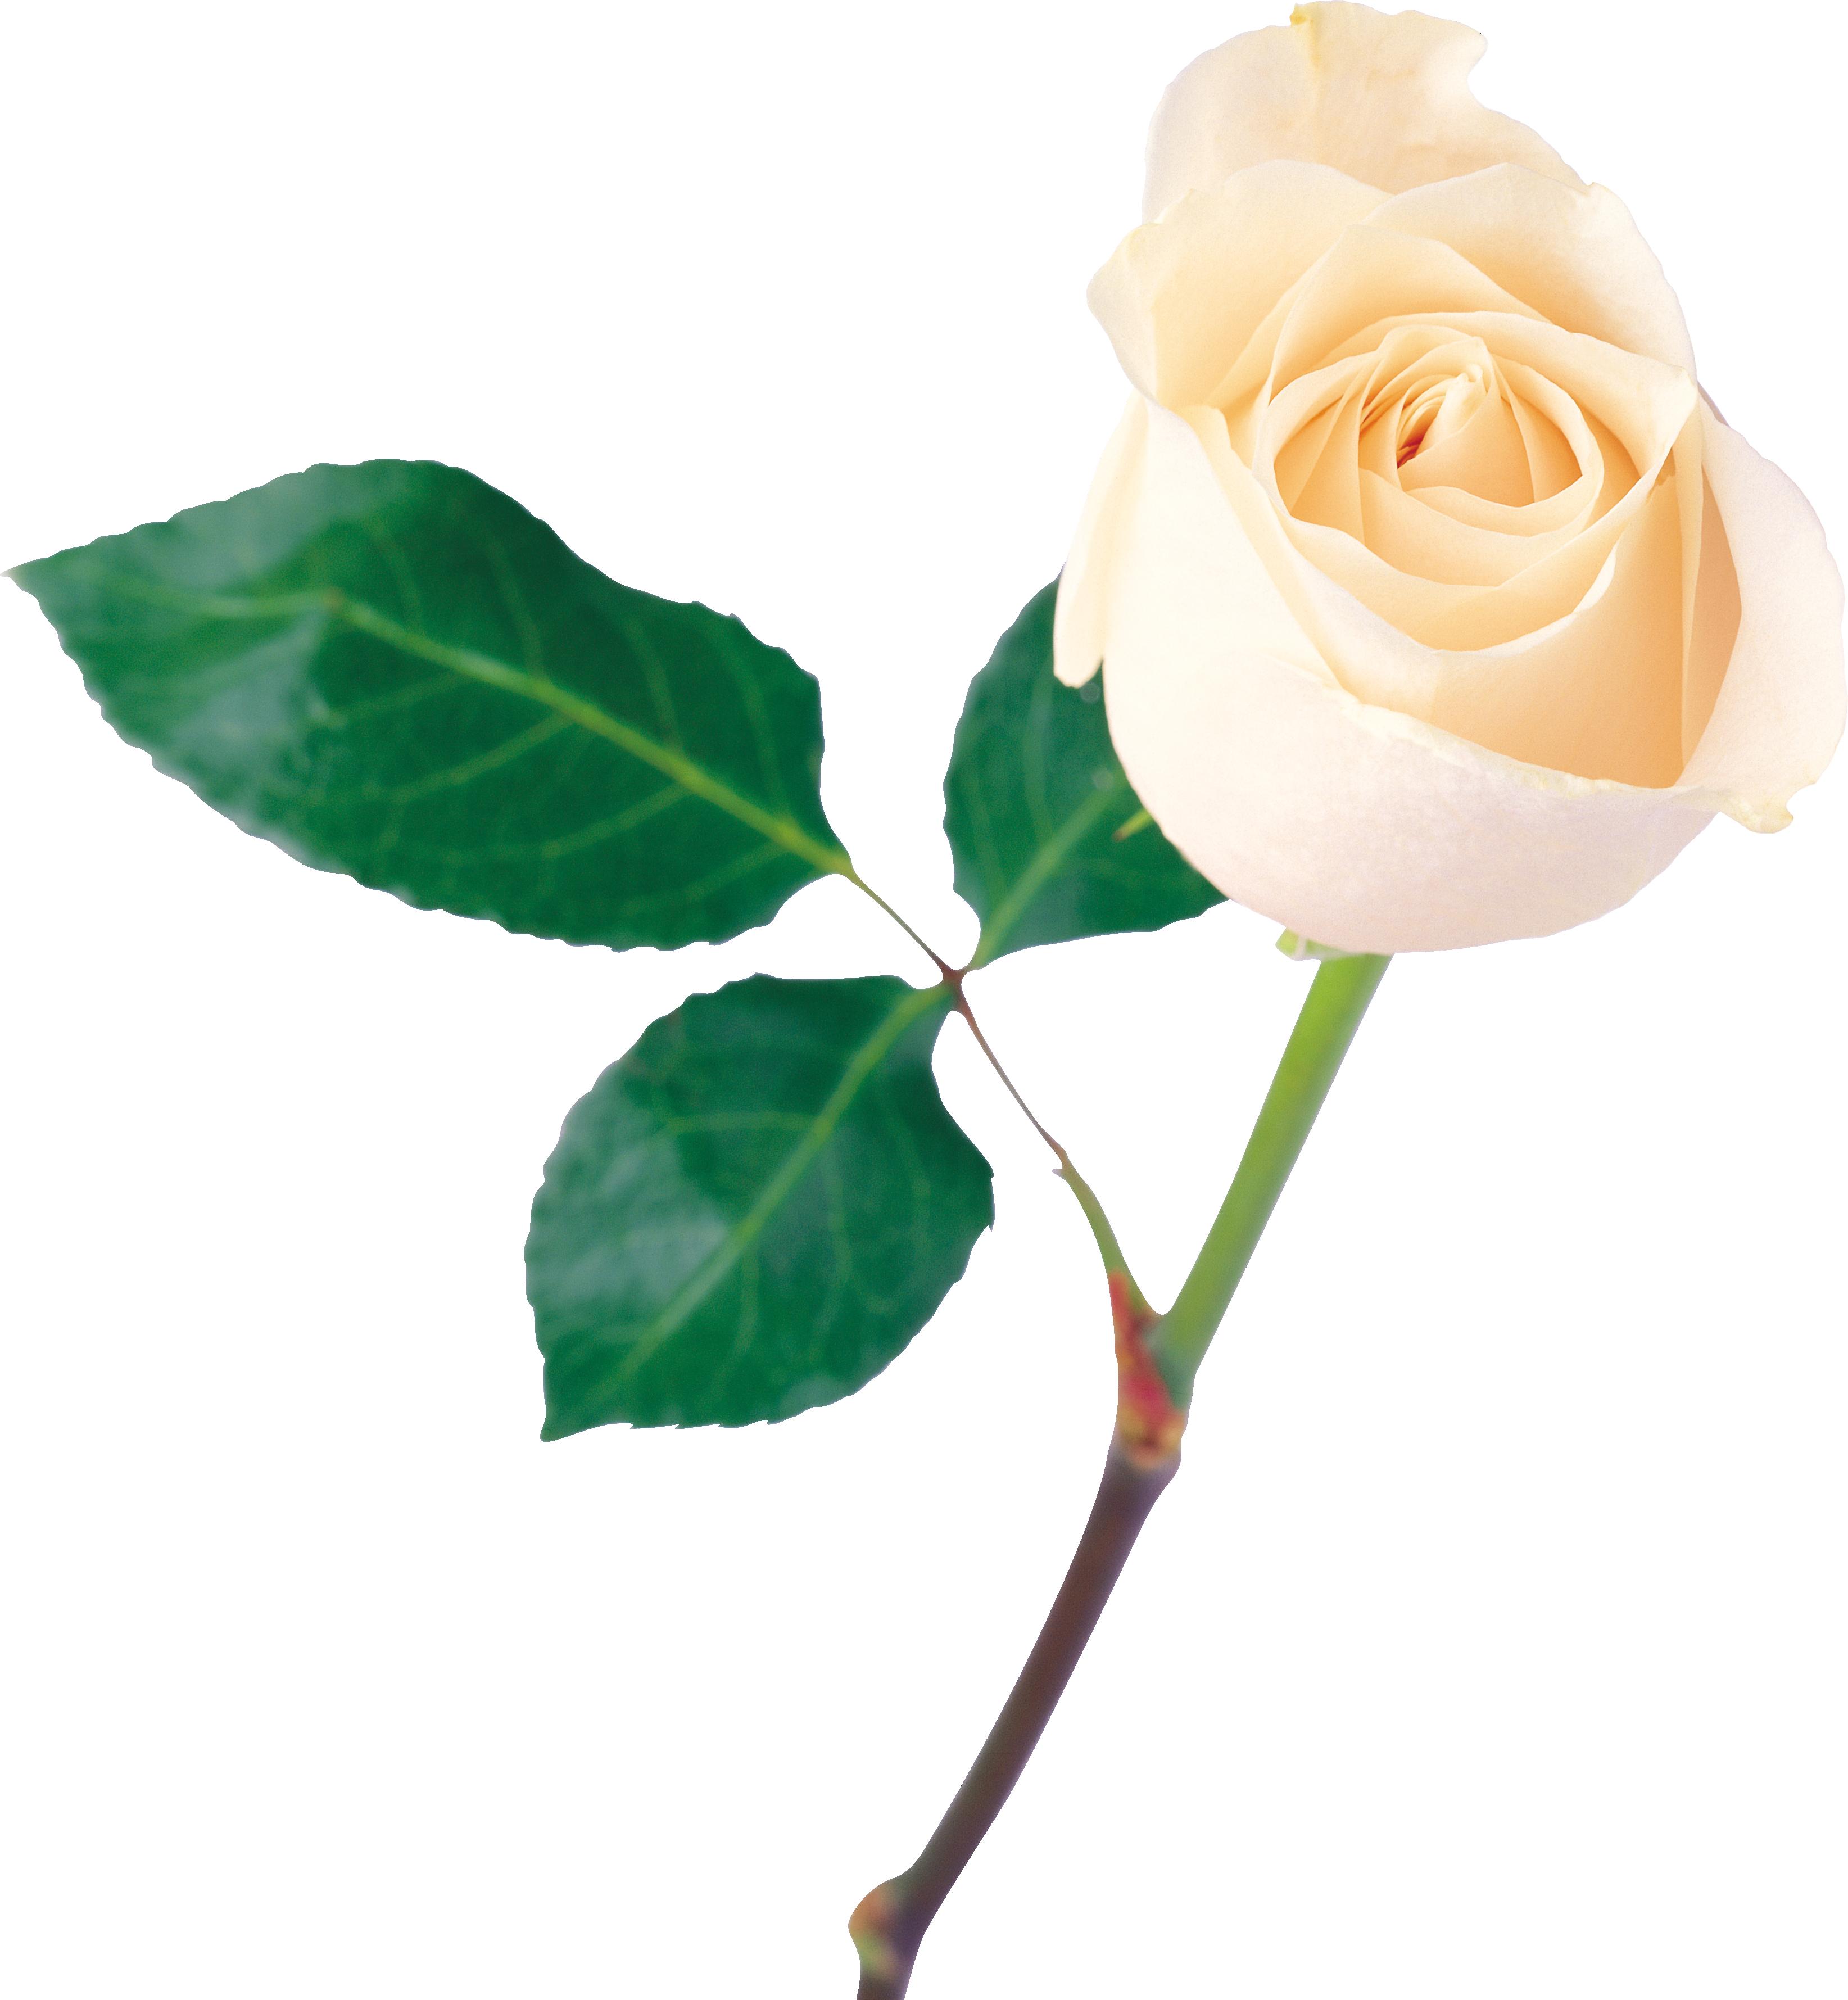 Garden roses Rose Plant Flowering plant